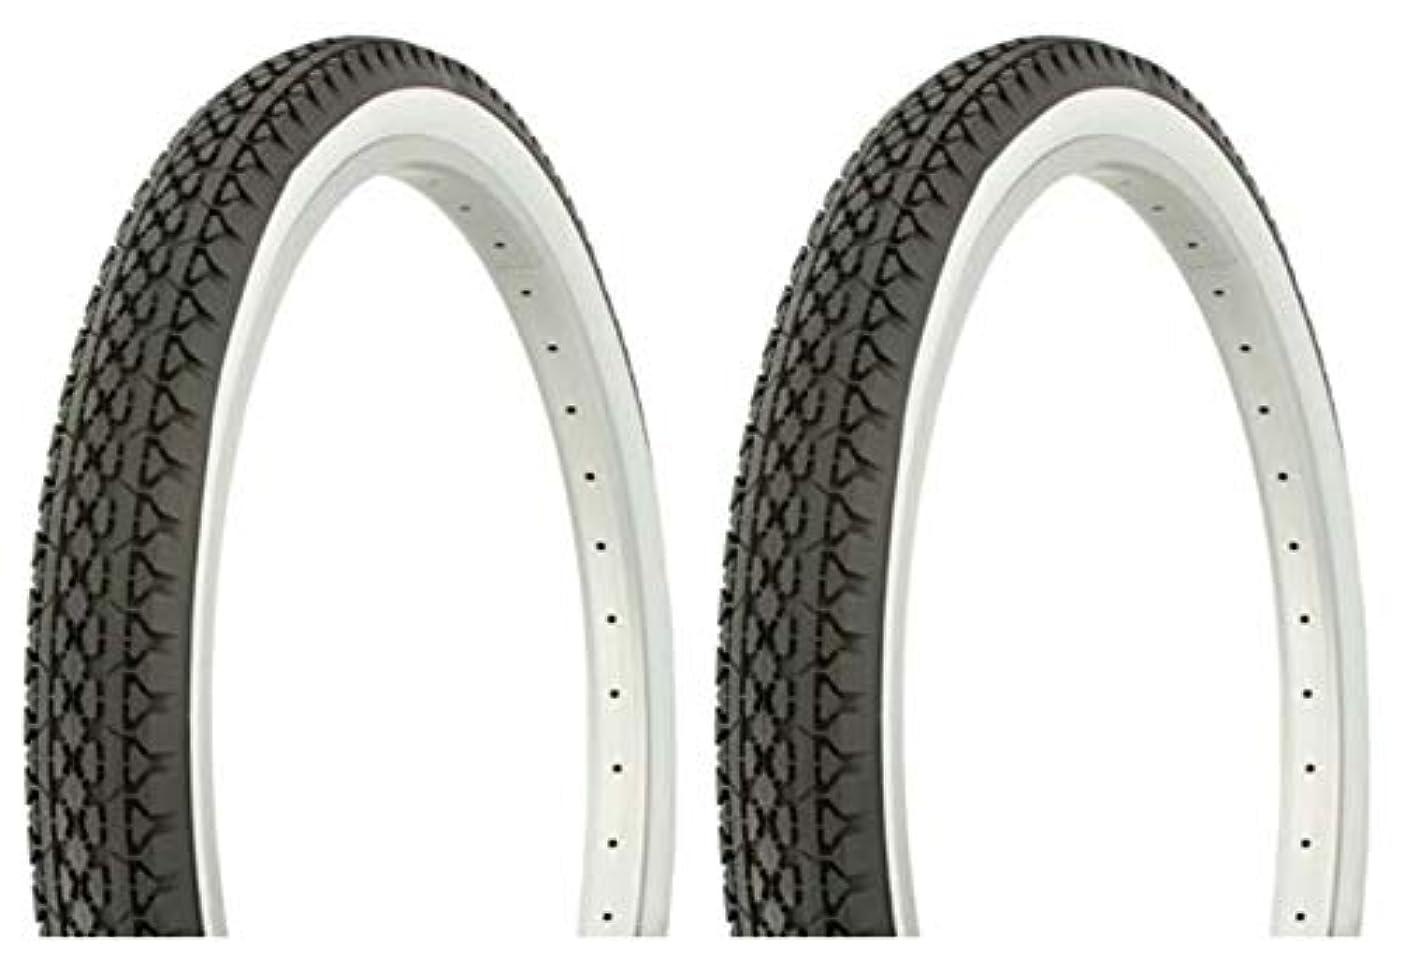 ごめんなさい住人会話Lowrider タイヤセット 2タイヤ 2タイヤ デュロ 26インチ x 2.125インチ ブラック/ホワイト サイドウォールHF-133 自転車タイヤ 自転車タイヤ ビーチクルーザー バイクタイヤ クルーザーバイクタイヤ